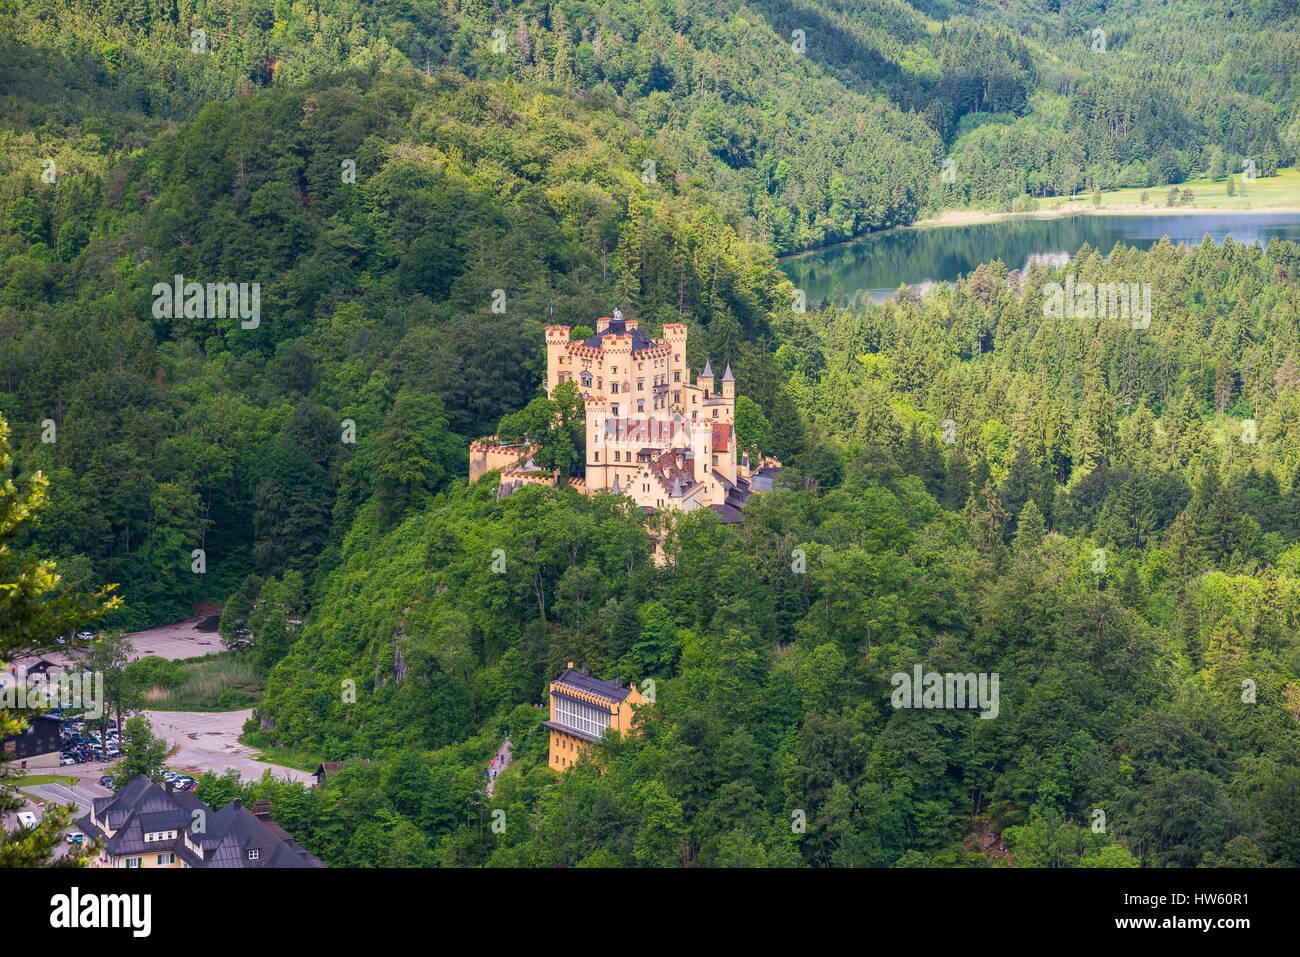 Hohenschwangau Castle, beautiful Romanesque Revival palace, southwest Bavaria, Germany - Stock Image